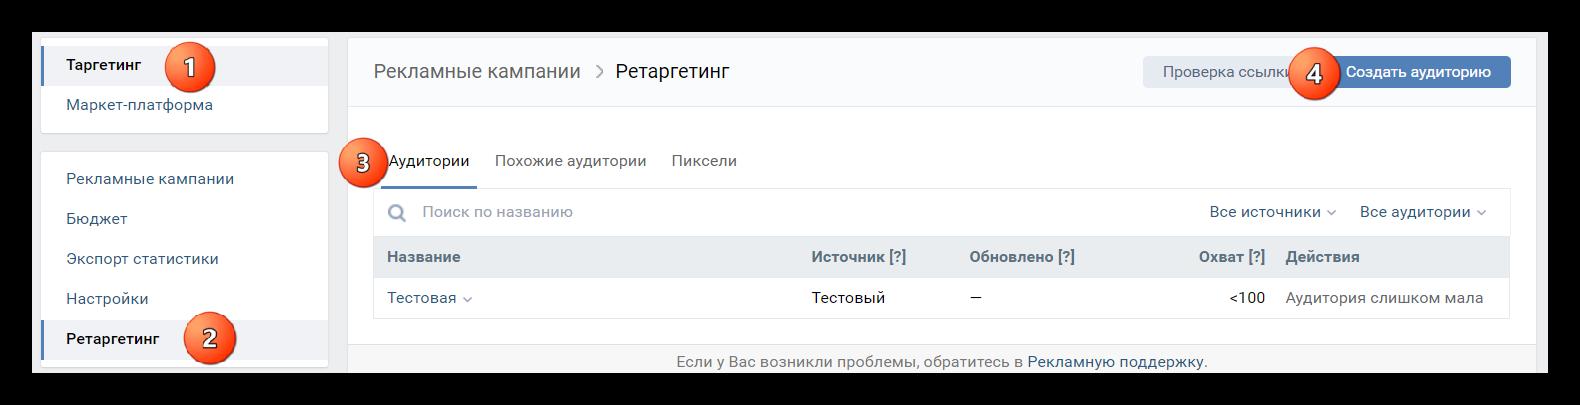 Пошаговое создание аудитории для ретаргетинга во Вконтакте